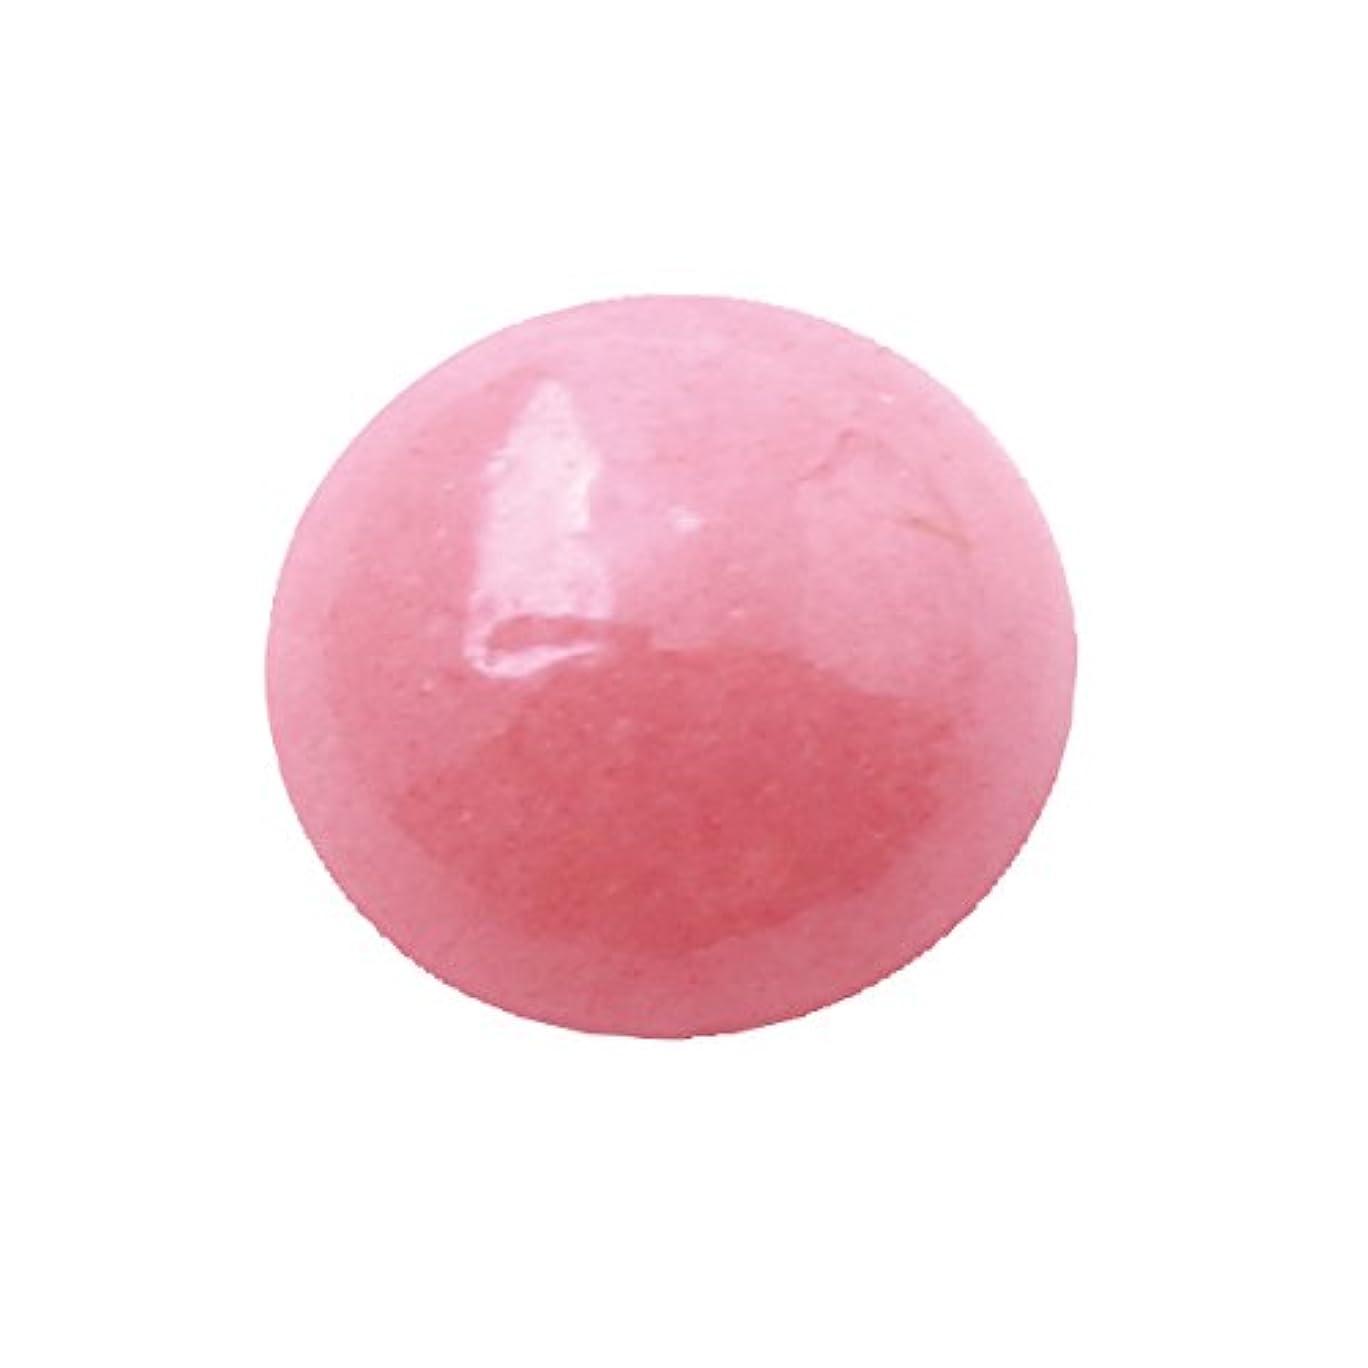 窒素段落一流グラスパールラウンド 2mm(各50個)(ストーン ネイルアート ネイル用品)ピンク